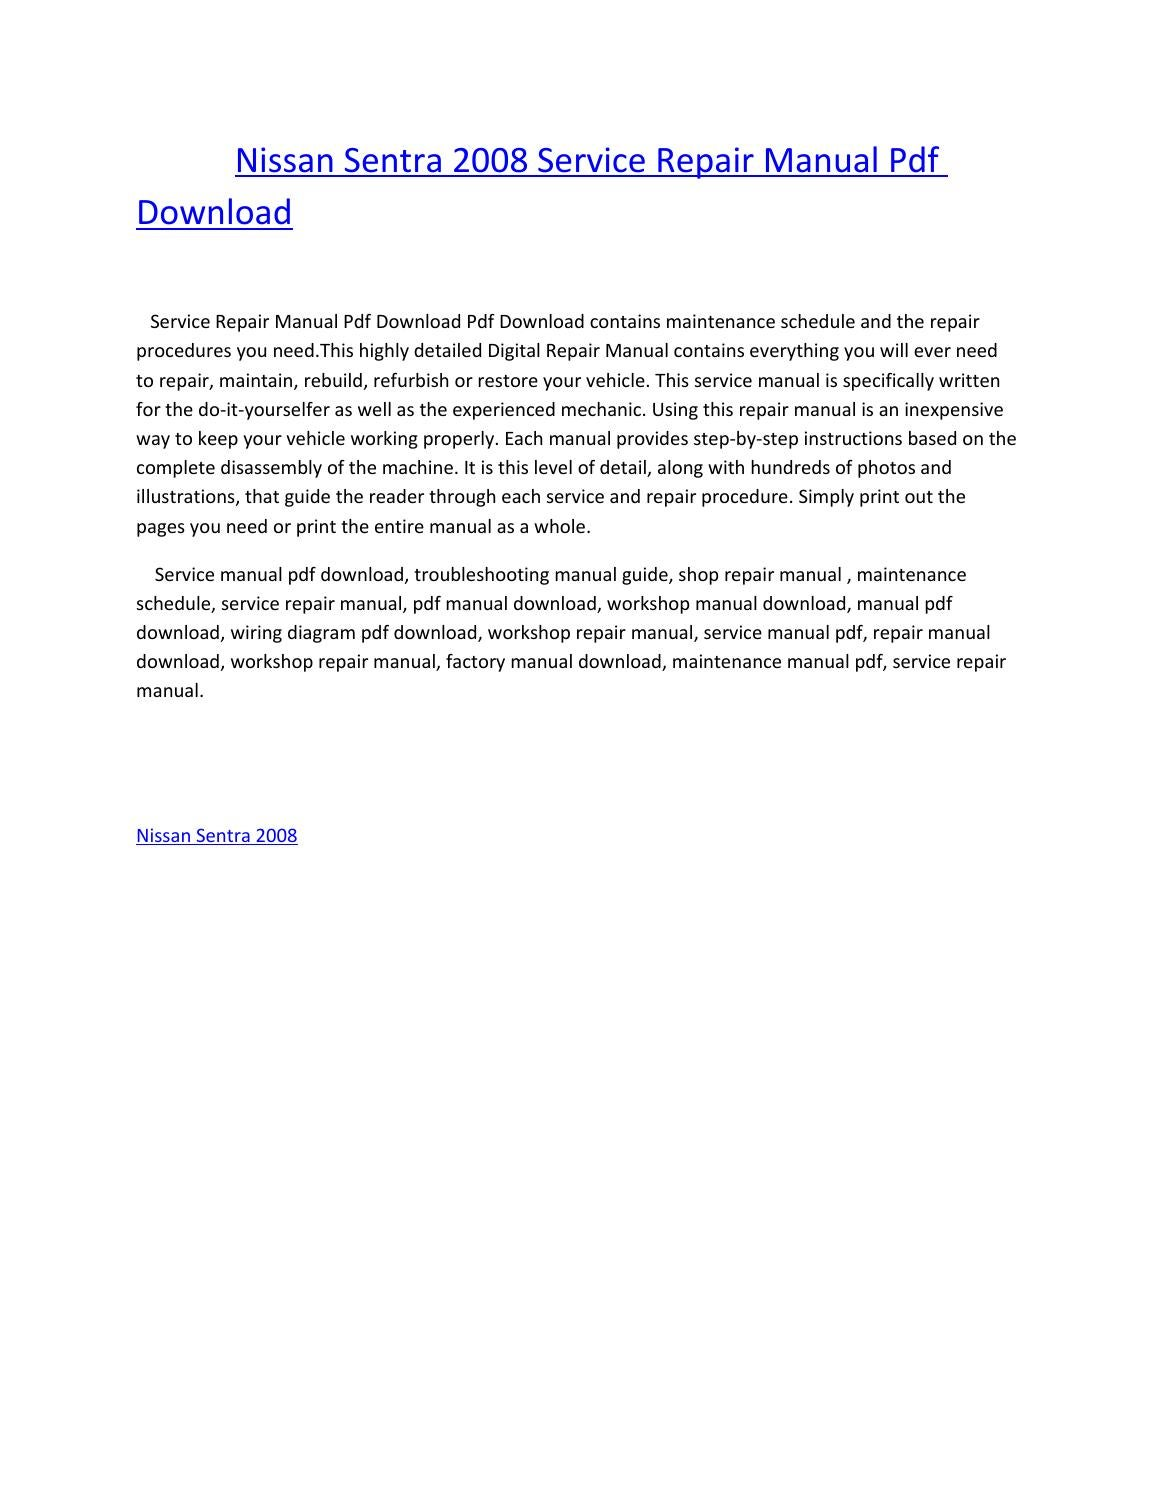 Nissan sentra 2008 service repair manual pdf download by